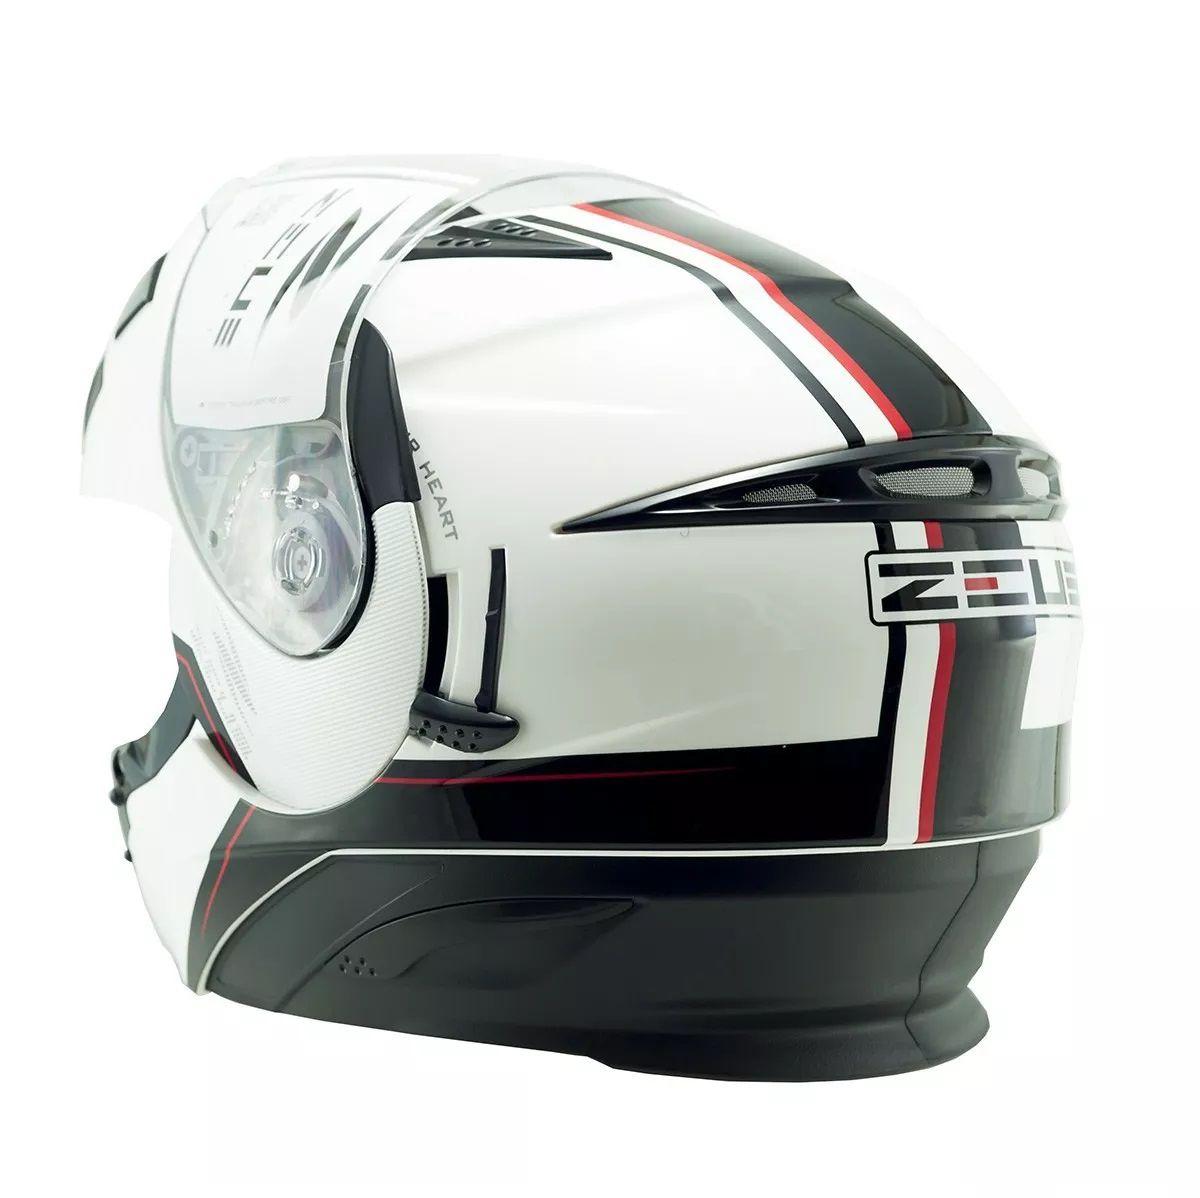 Capacete Zeus 3020 Ab11 Branco e Preto  - Ditesta & Daihead - Moto Store